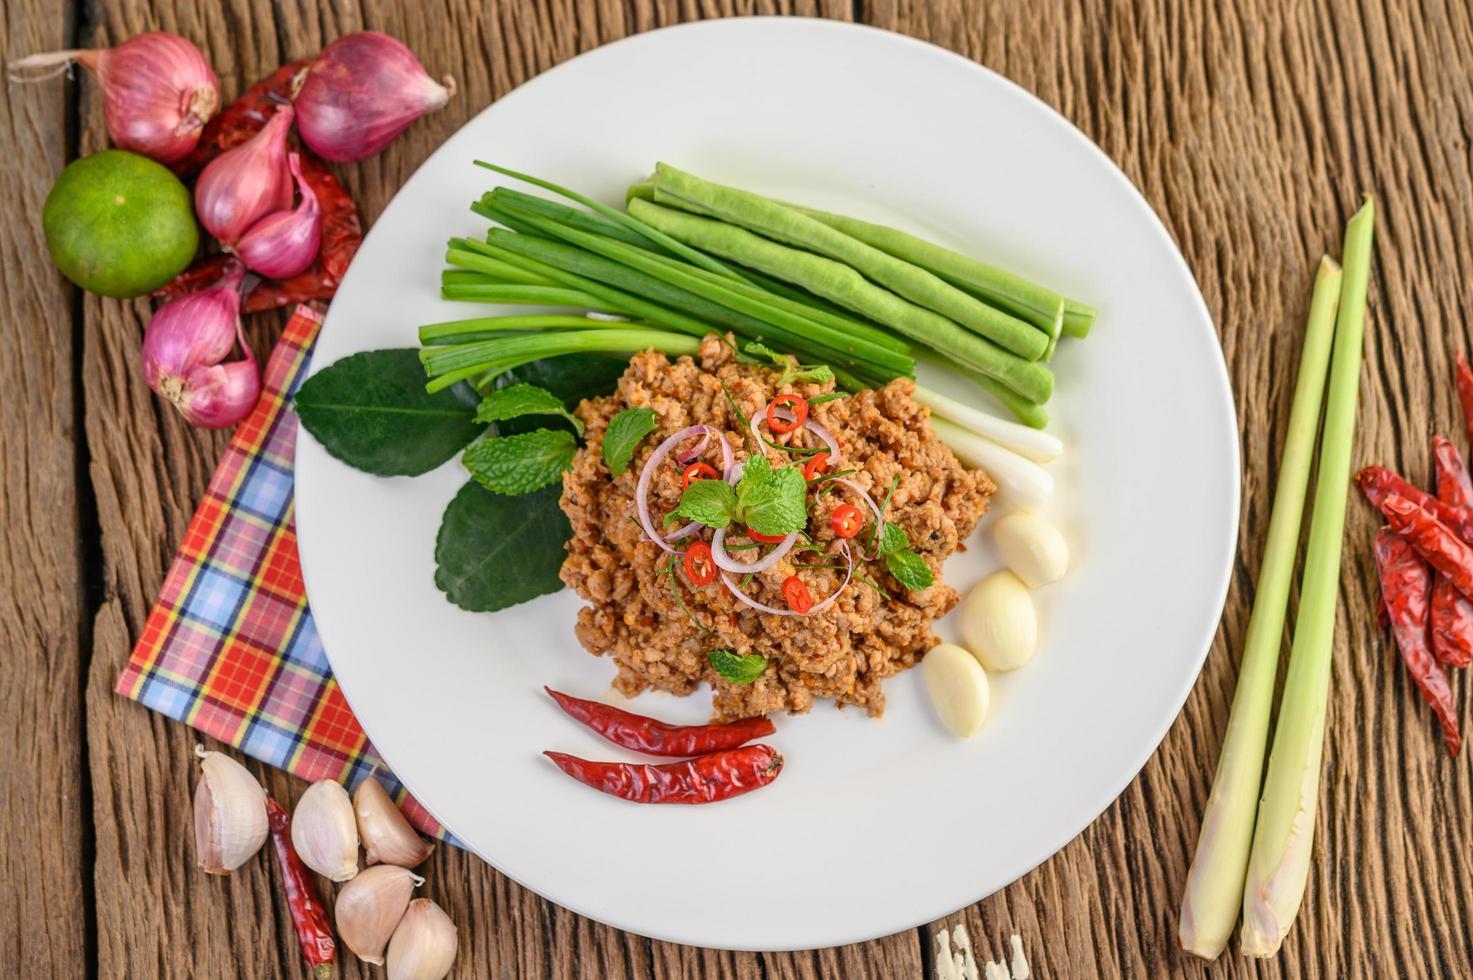 salade de porc hachée épicée sur légumes verts photo